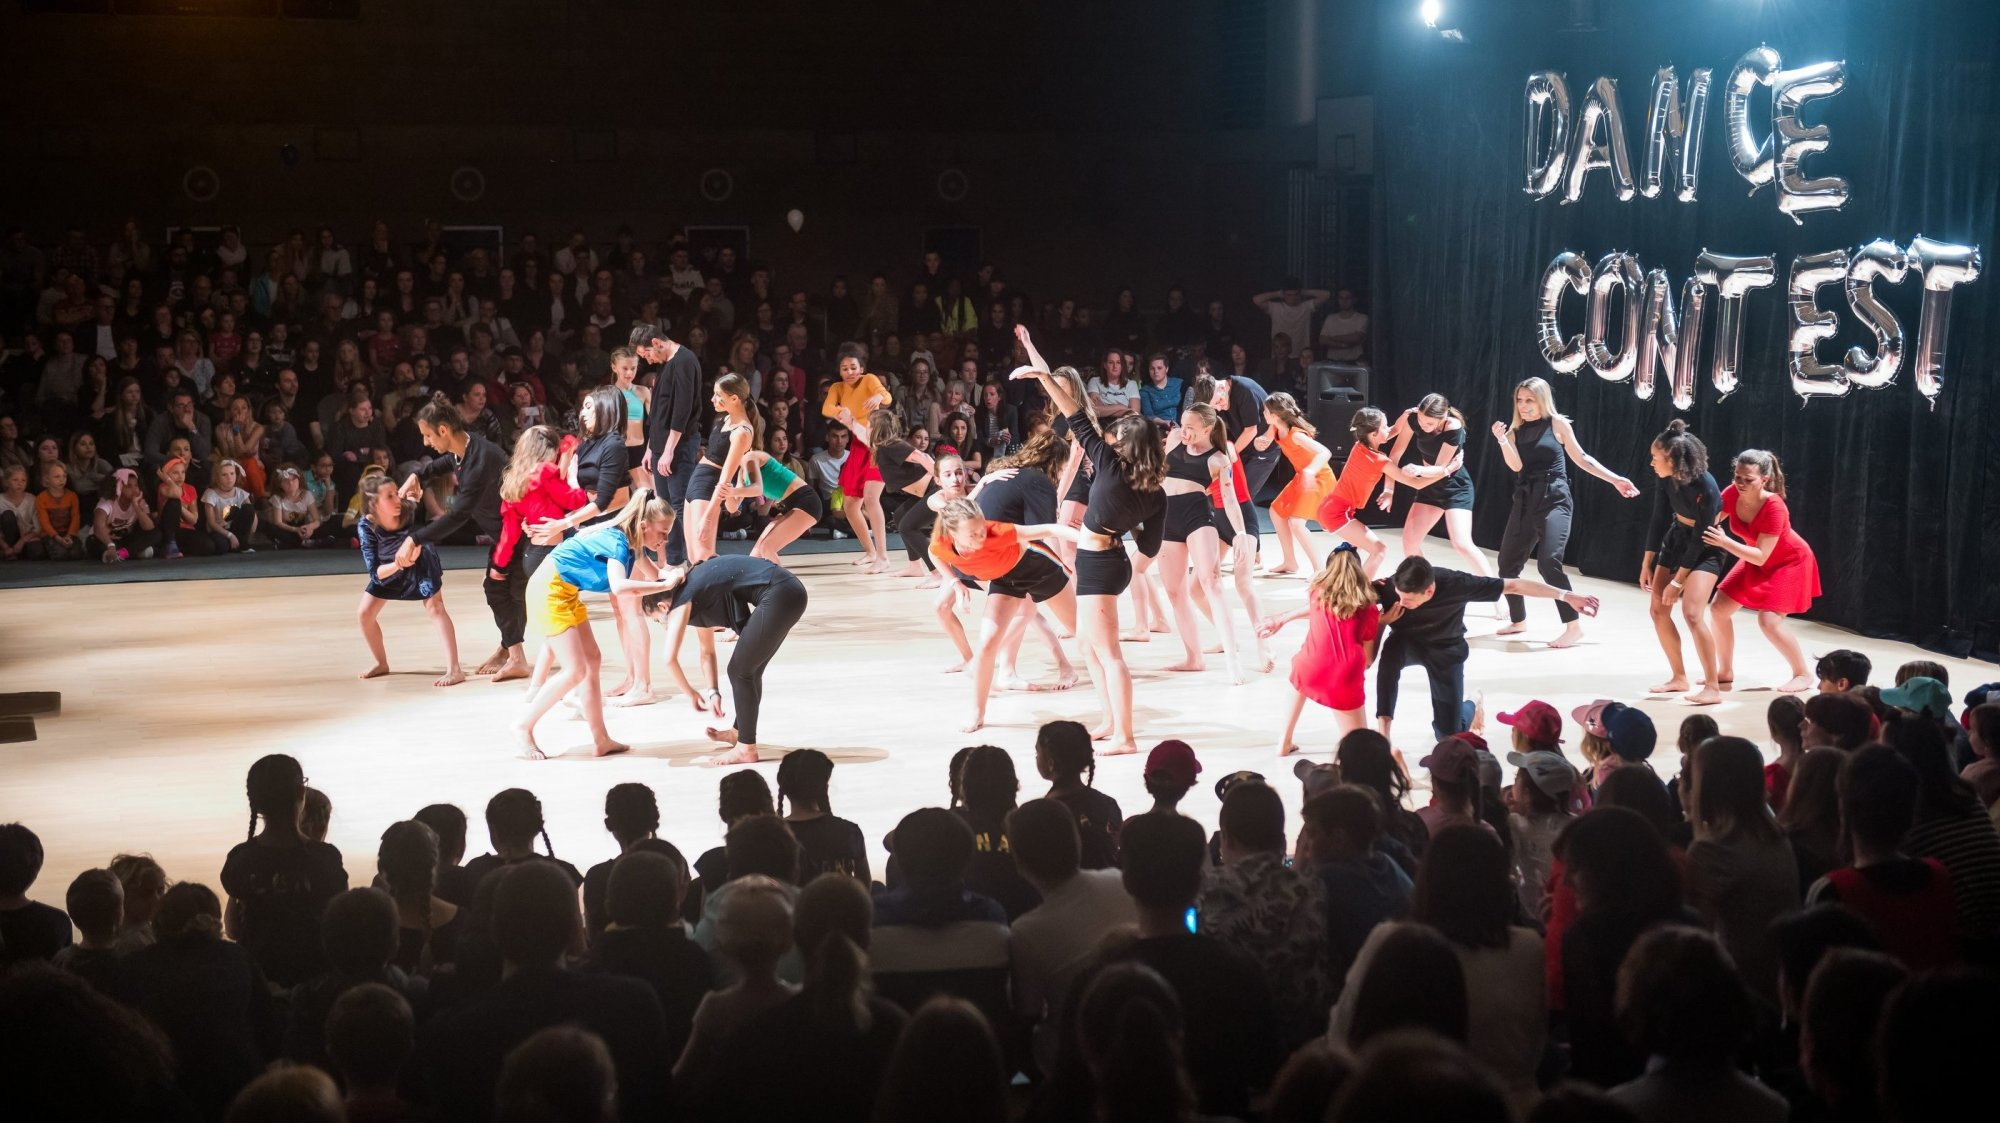 La foule est venue assister au Dance Contest du Landeron.